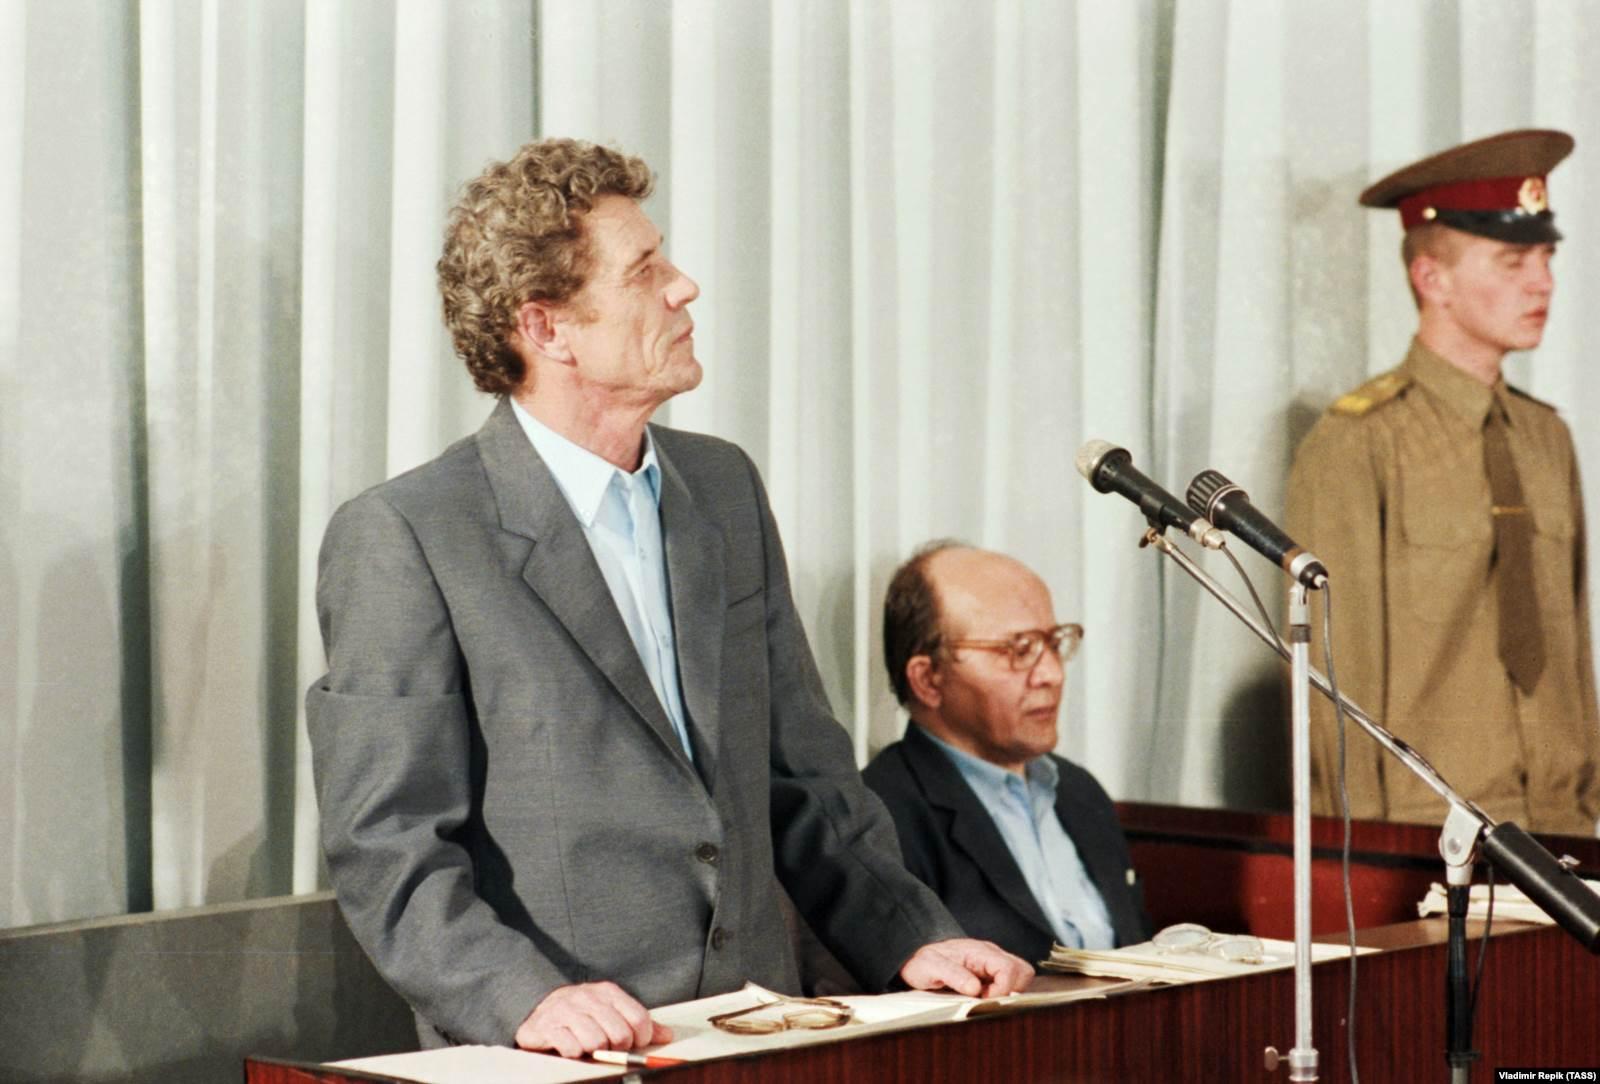 Дело по обвинению бывшего руководства ЧАЭС. Бывший директор Чернобыльской атомной электростанции Виктор Брюханов (слева) и бывший главный инженер Николай Фомин во время судебного заседания